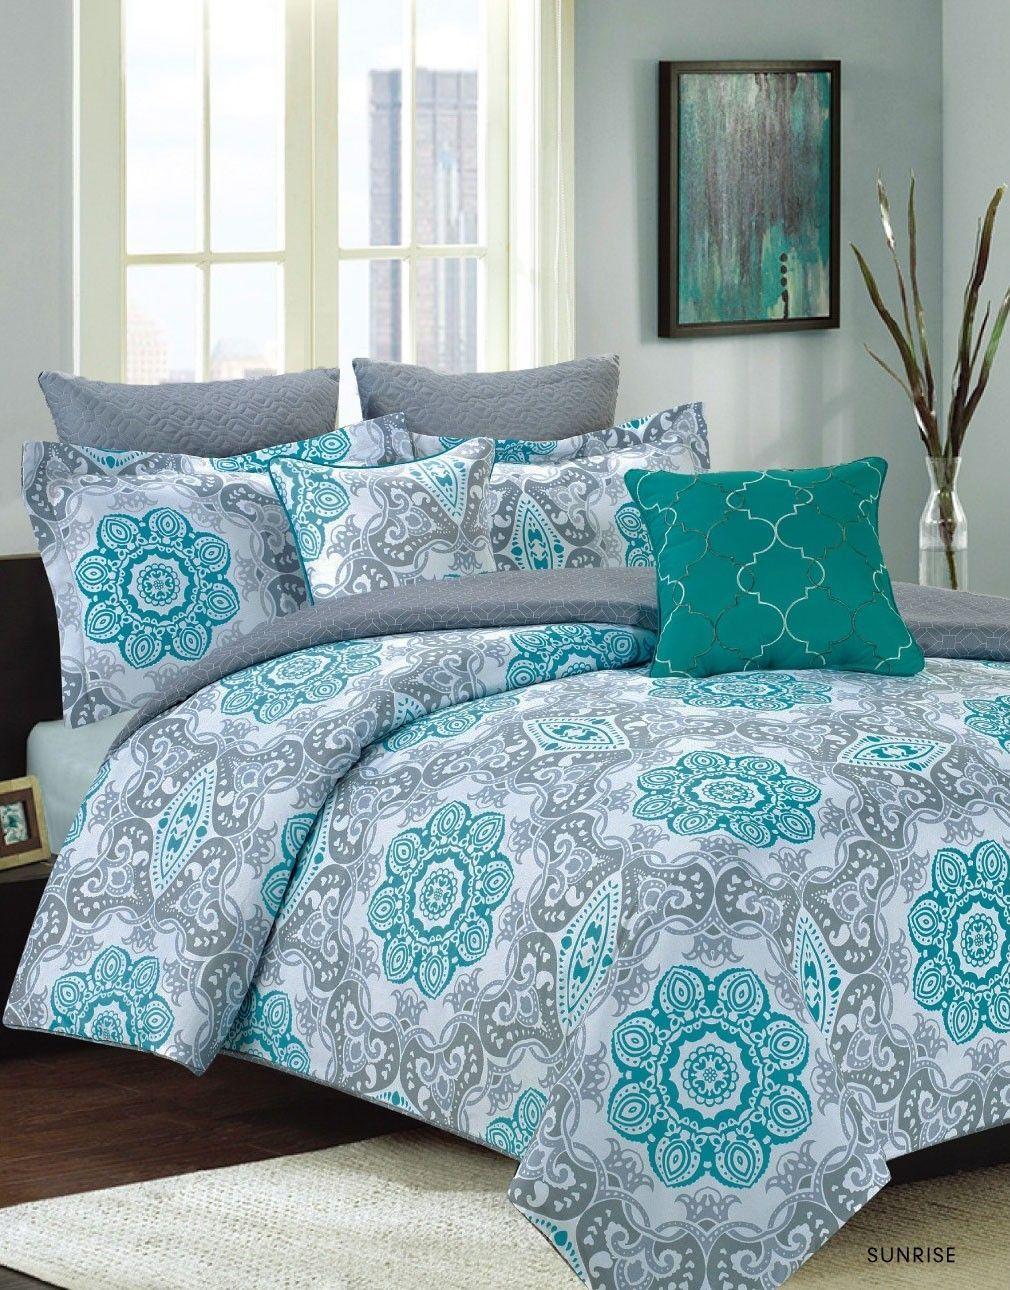 Crest Home Sunrise King Size Bedding Comforter 7 Pc Bed Set Teal